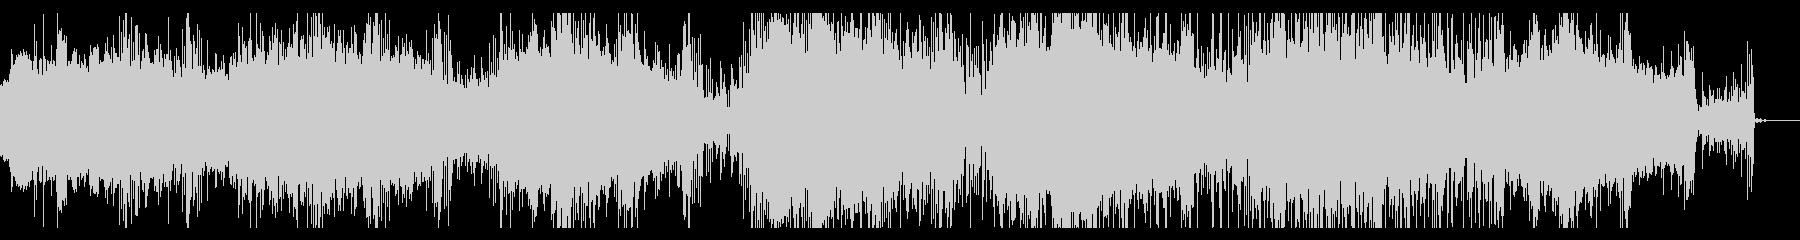 シンプルなインダストリアルの未再生の波形